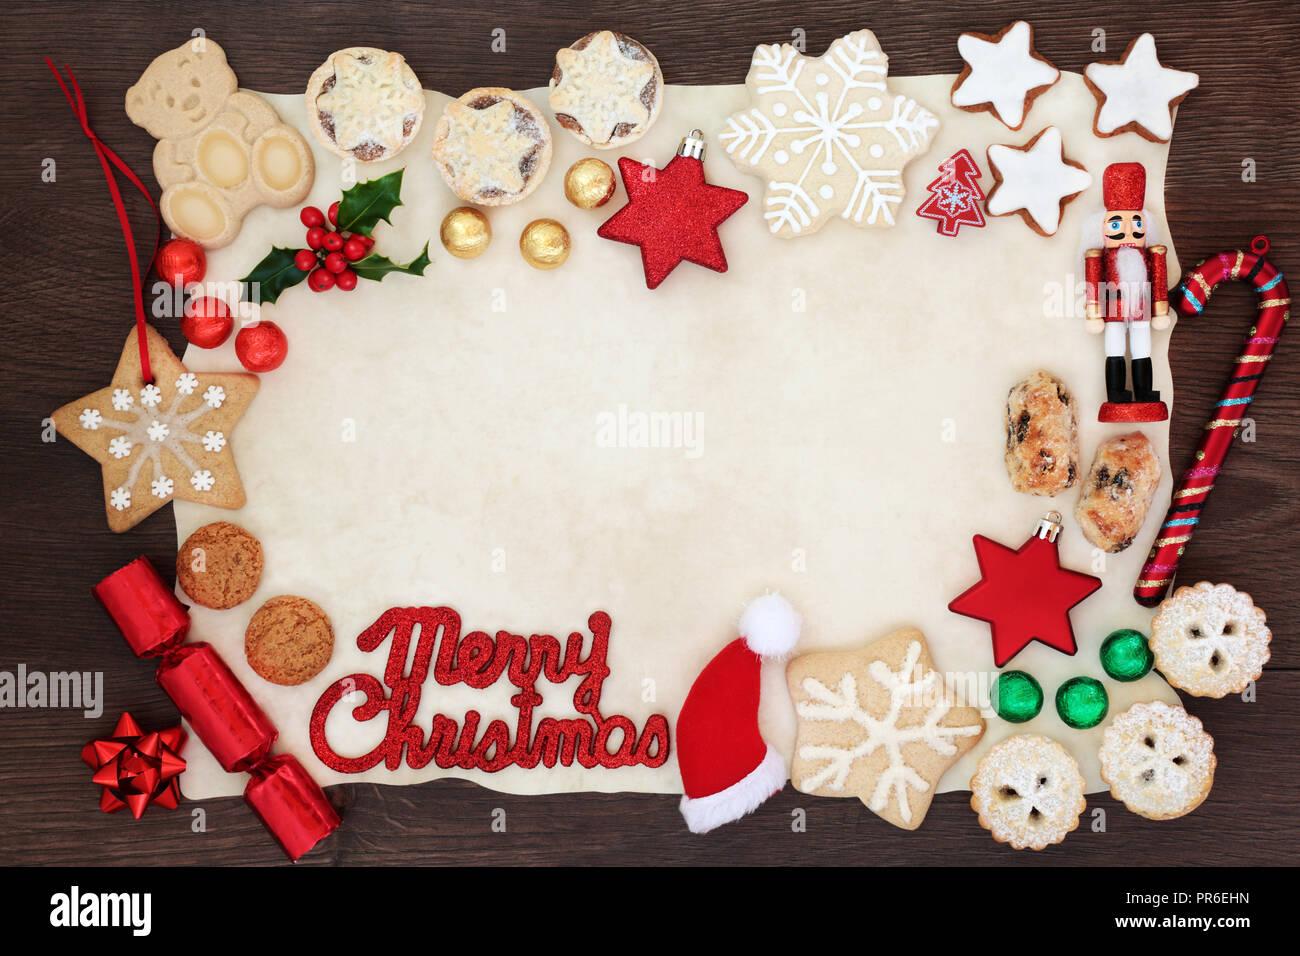 Frohe Weihnachten Hintergrund Grenze mit Vorzeichen, Christbaumschmuck, Kekse, Kuchen, winter Flora und Pralinen in Folie auf Pergamentpapier auf rustikalem Holz Stockbild